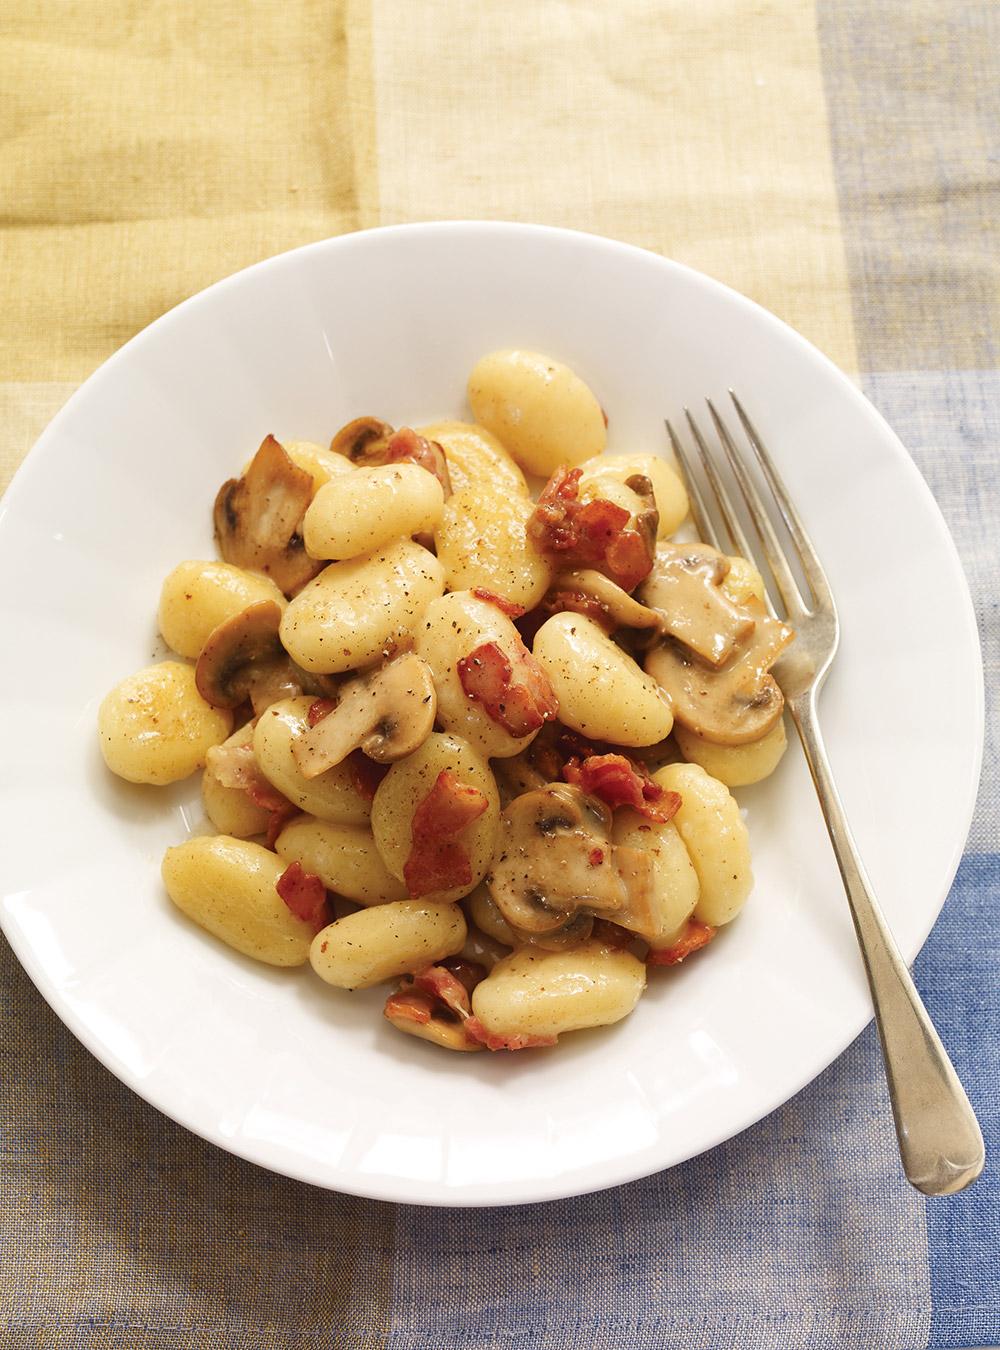 Gnocchis au fromage crémeux, aux champignons et au bacon ...